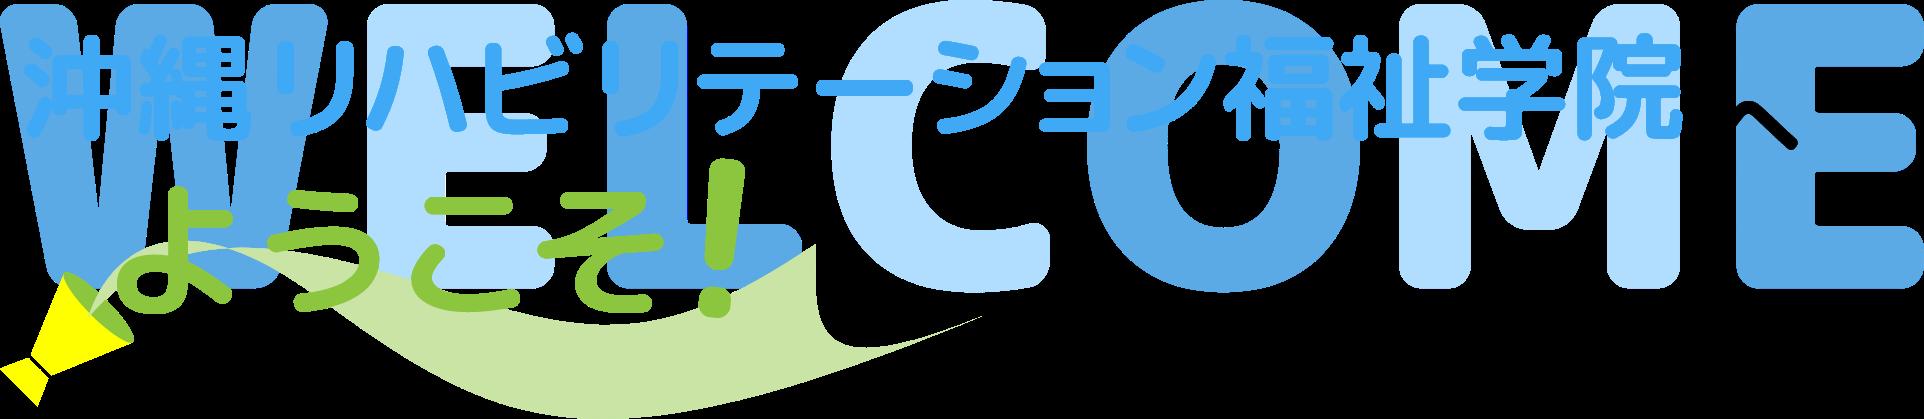 沖縄リハビリテーション福祉学院へようこそ!